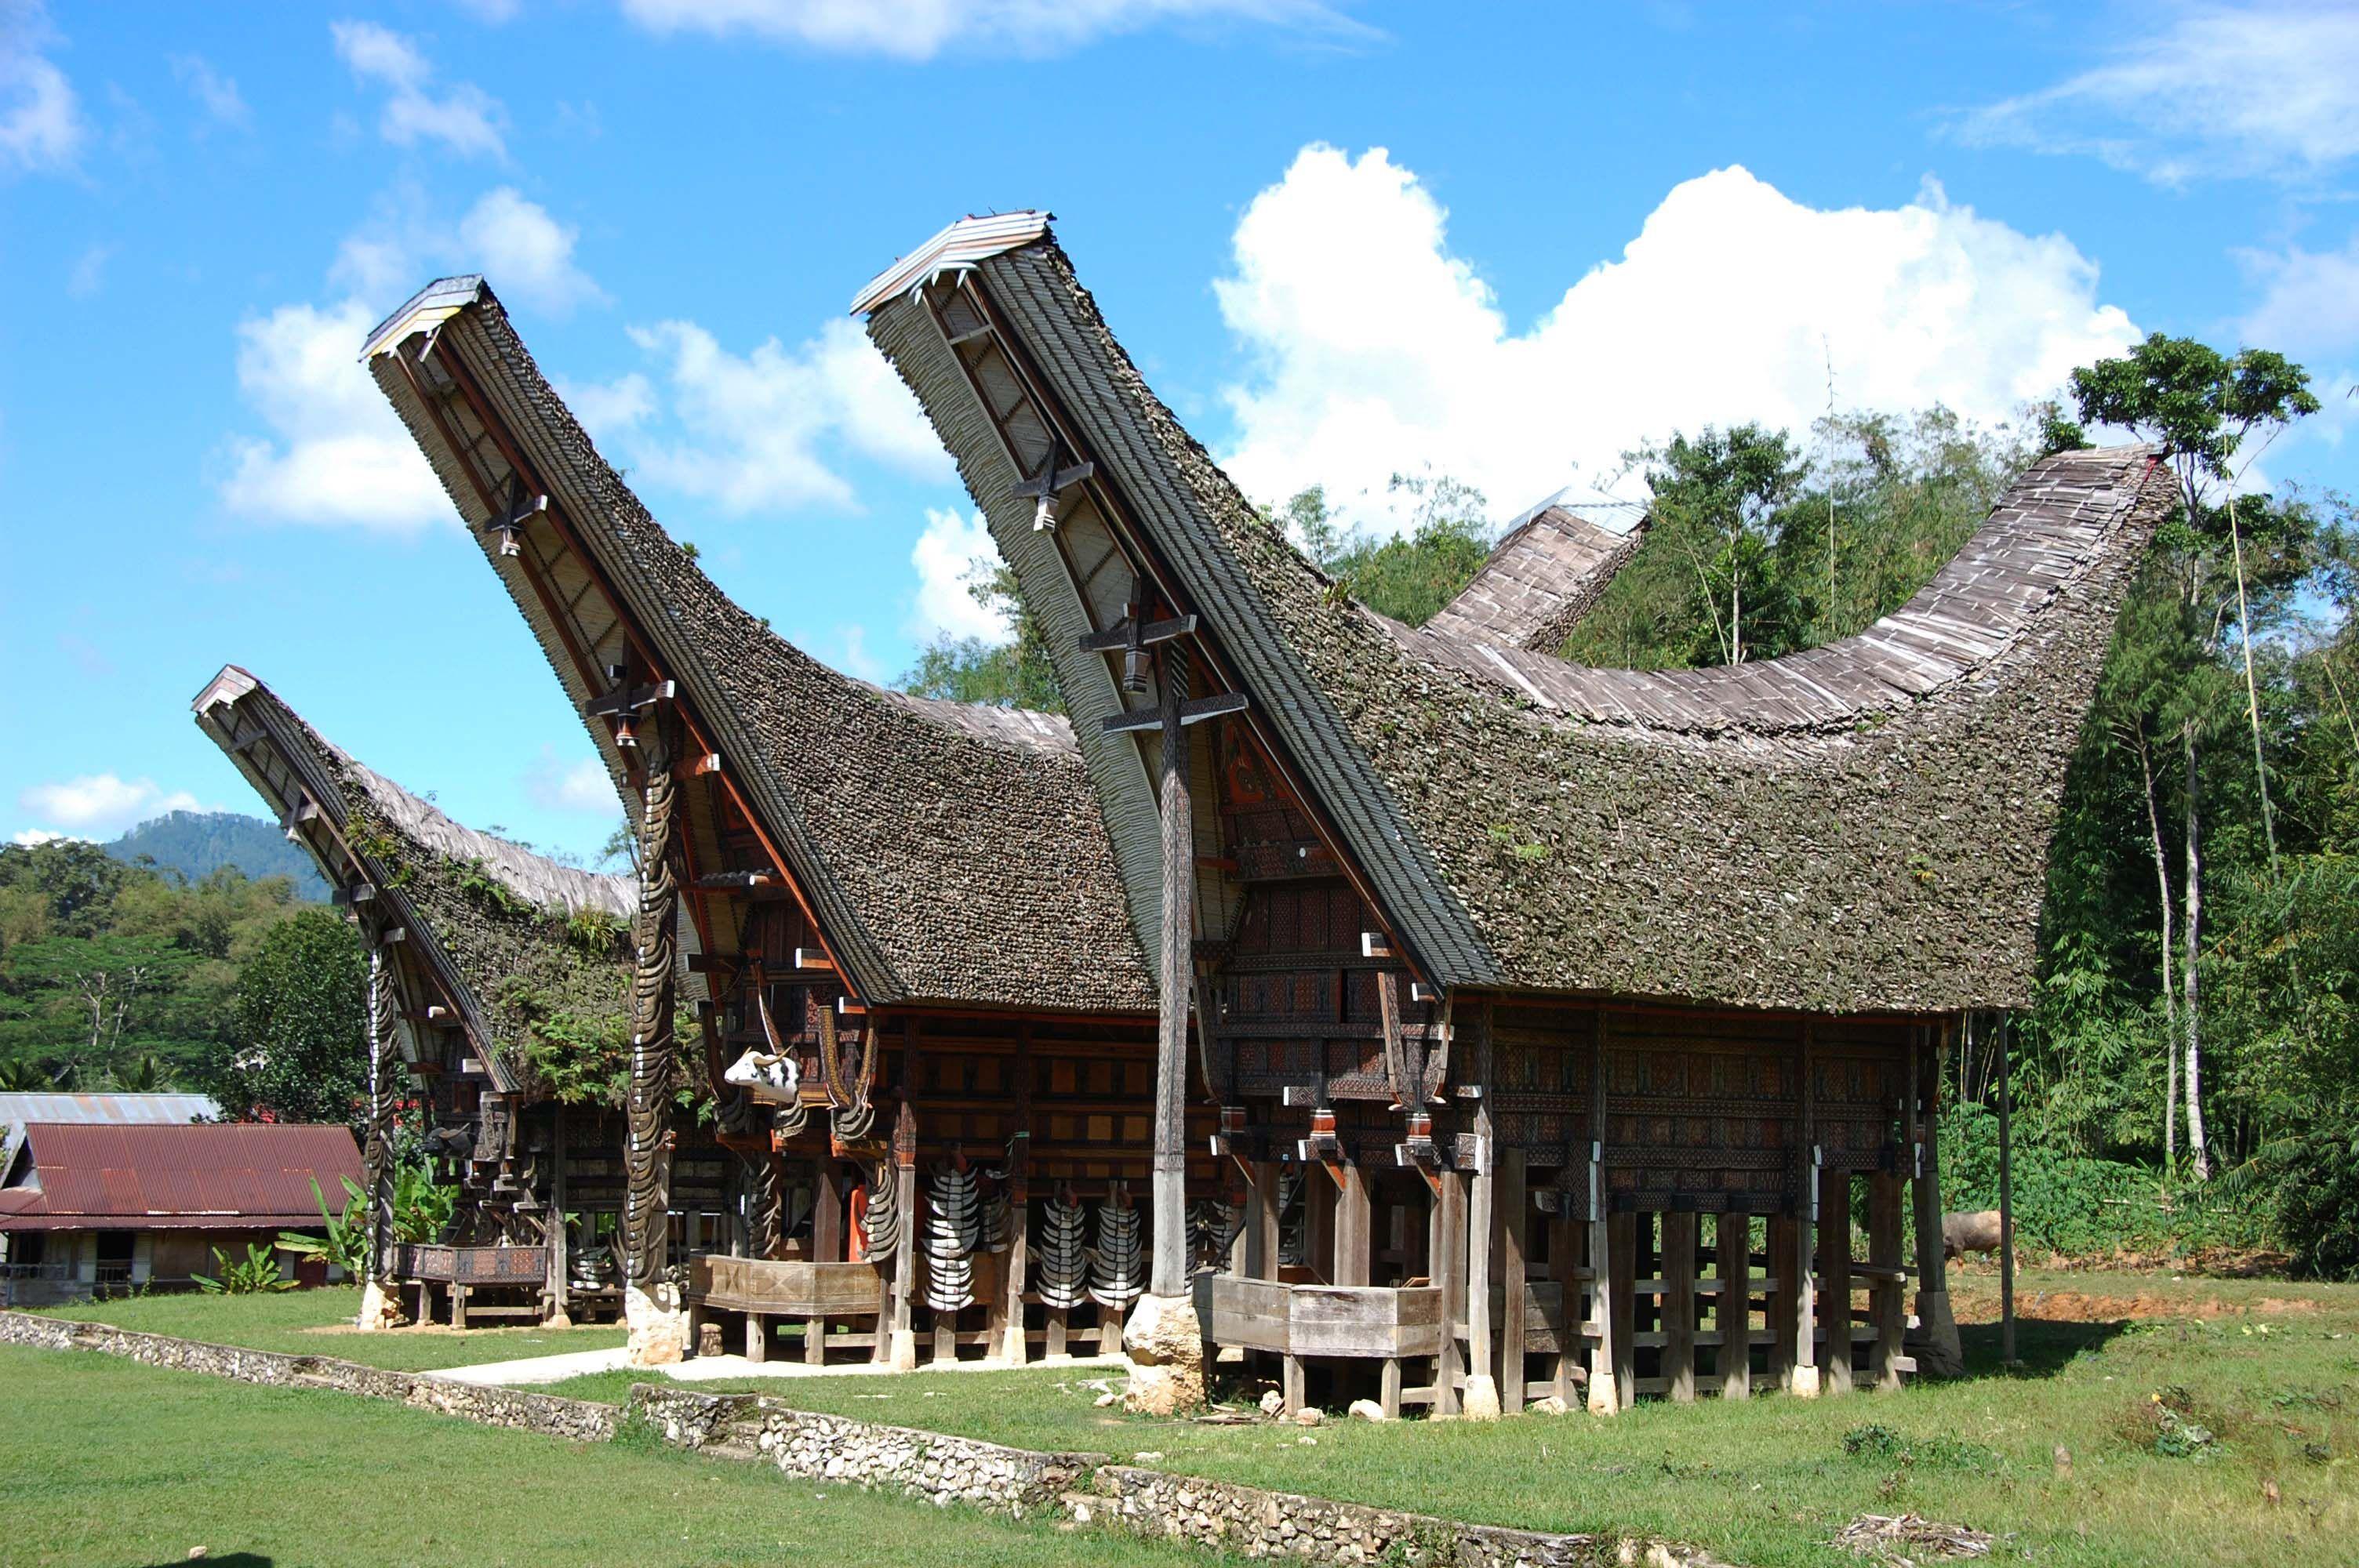 8400 Ide Desain Arsitektur Nusantara HD Gratid Yang Bisa Anda Tiru